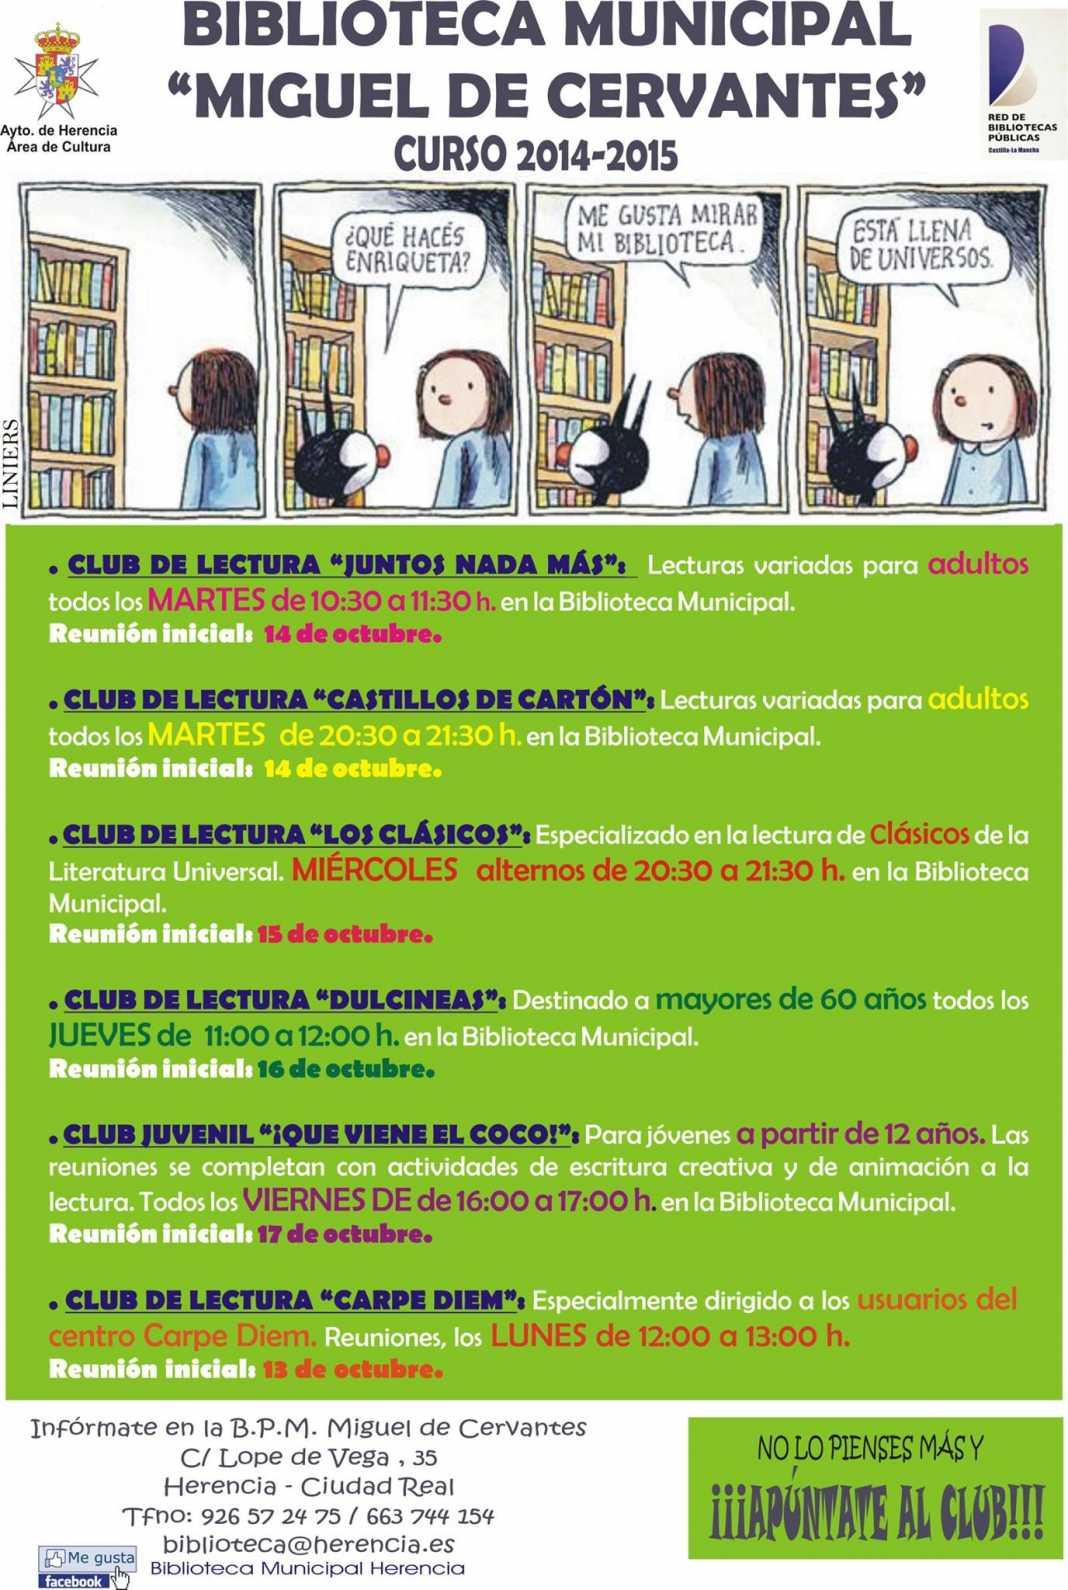 biblioteca municipal miguel de cervantes curso 2014 2105 1068x1590 - Arrancan los Club de Lectura, de la Biblioteca Municipal de Herencia